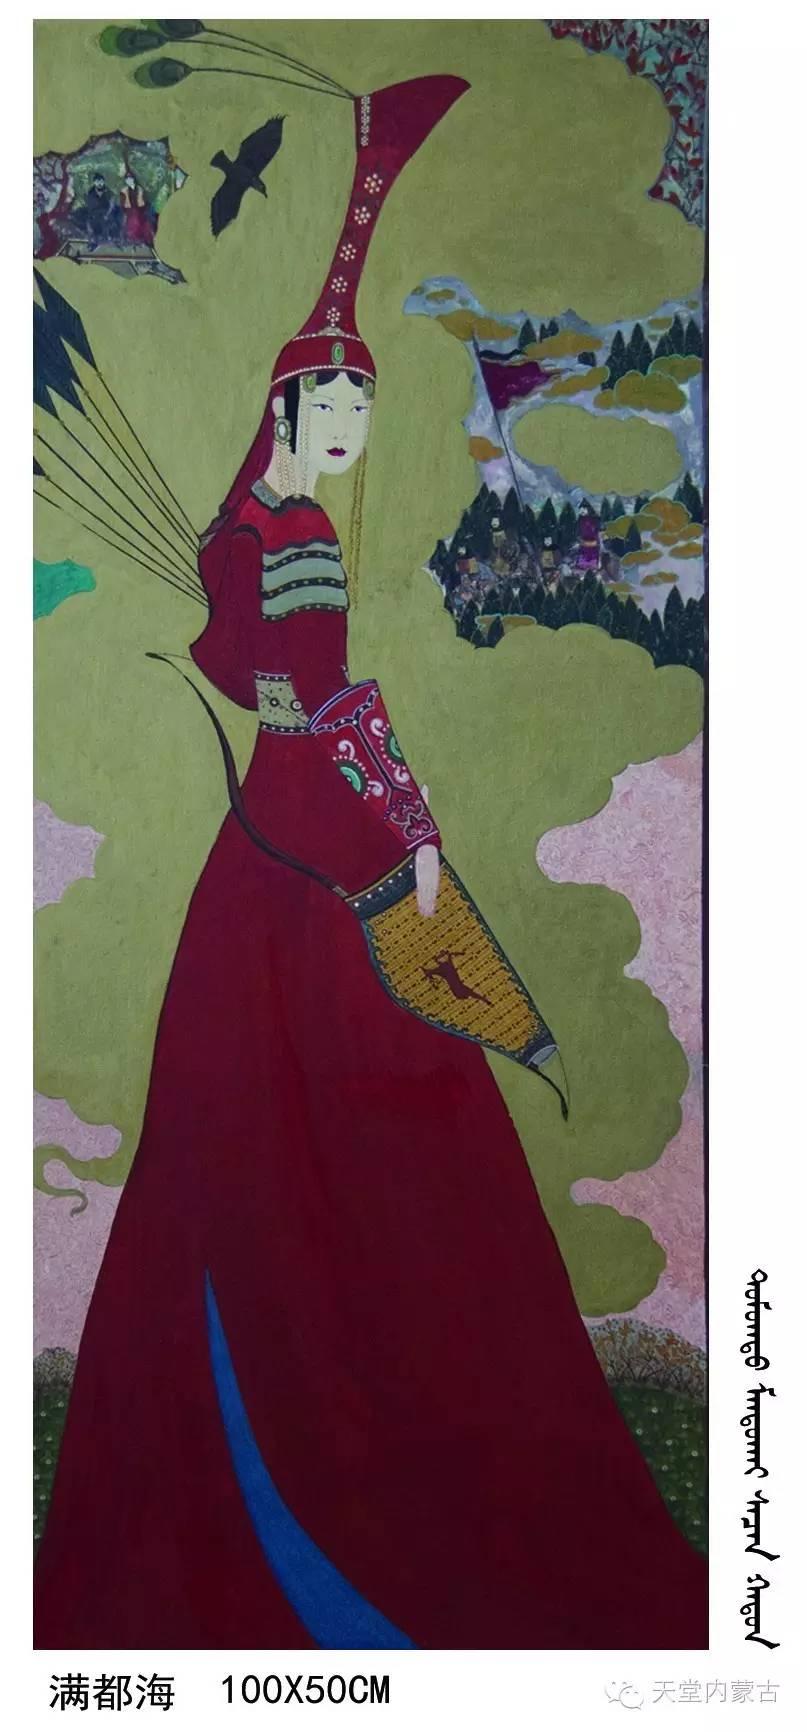 🔴内蒙古蒙古画艺术家乌云额尔德尼《故乡的呼唤》个人艺术展 第15张